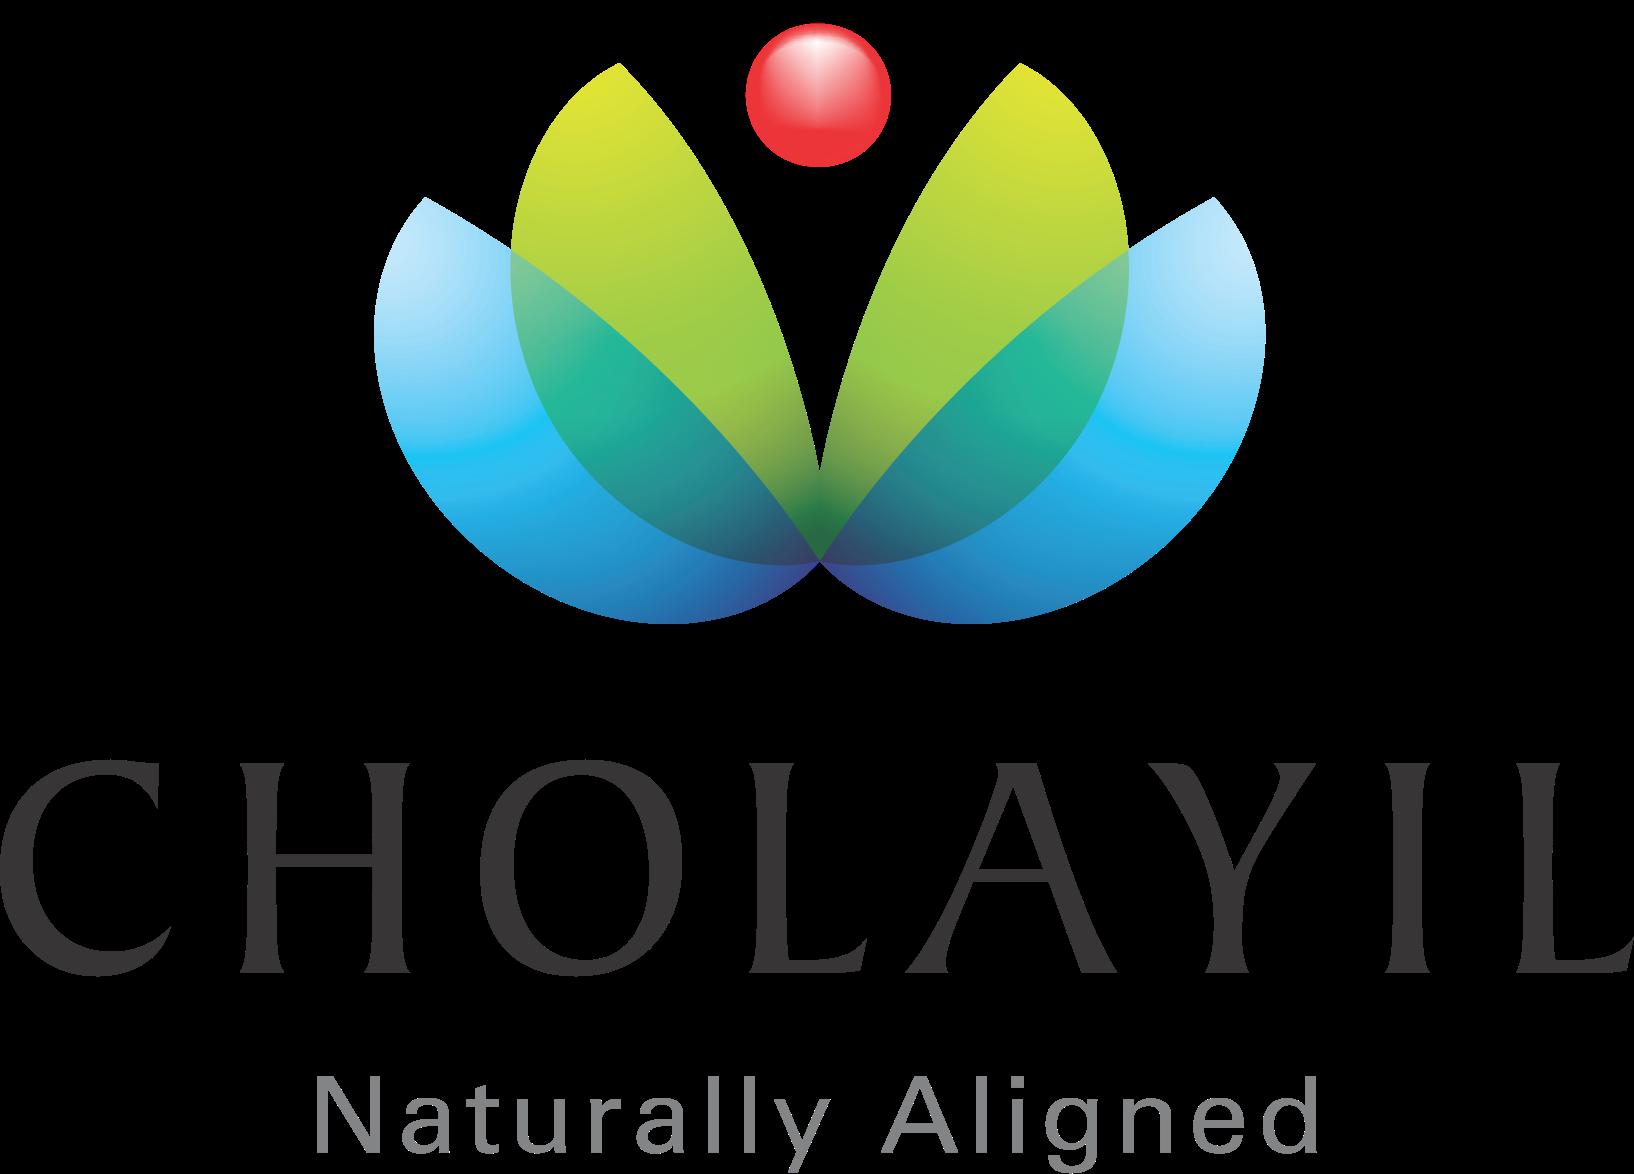 Cholayil Logo - PNG Format.png